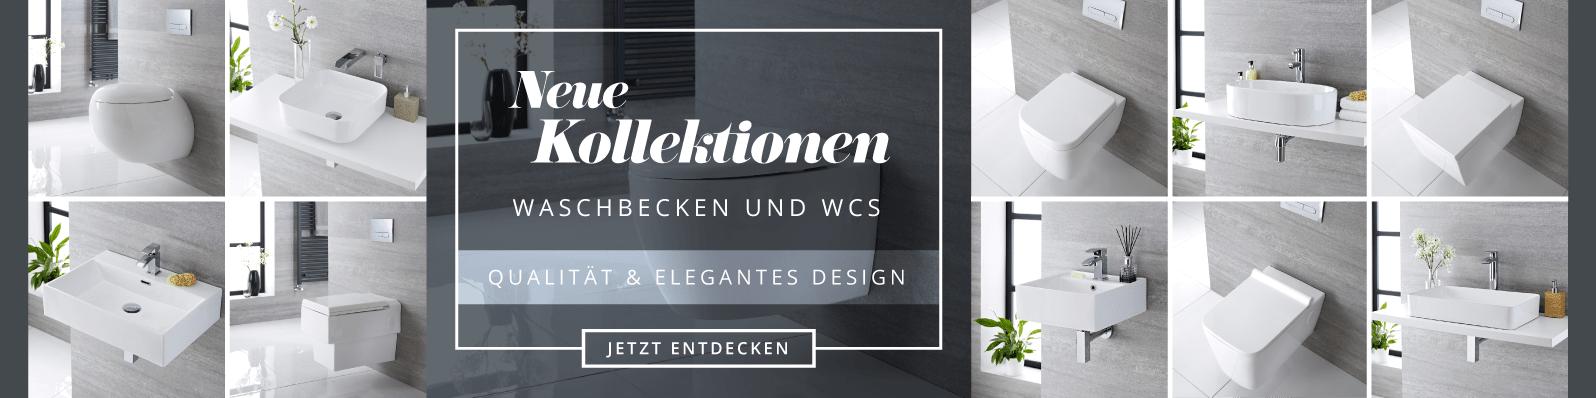 Neue Kollektion: Waschbecken und WCs Jetzt entdecken